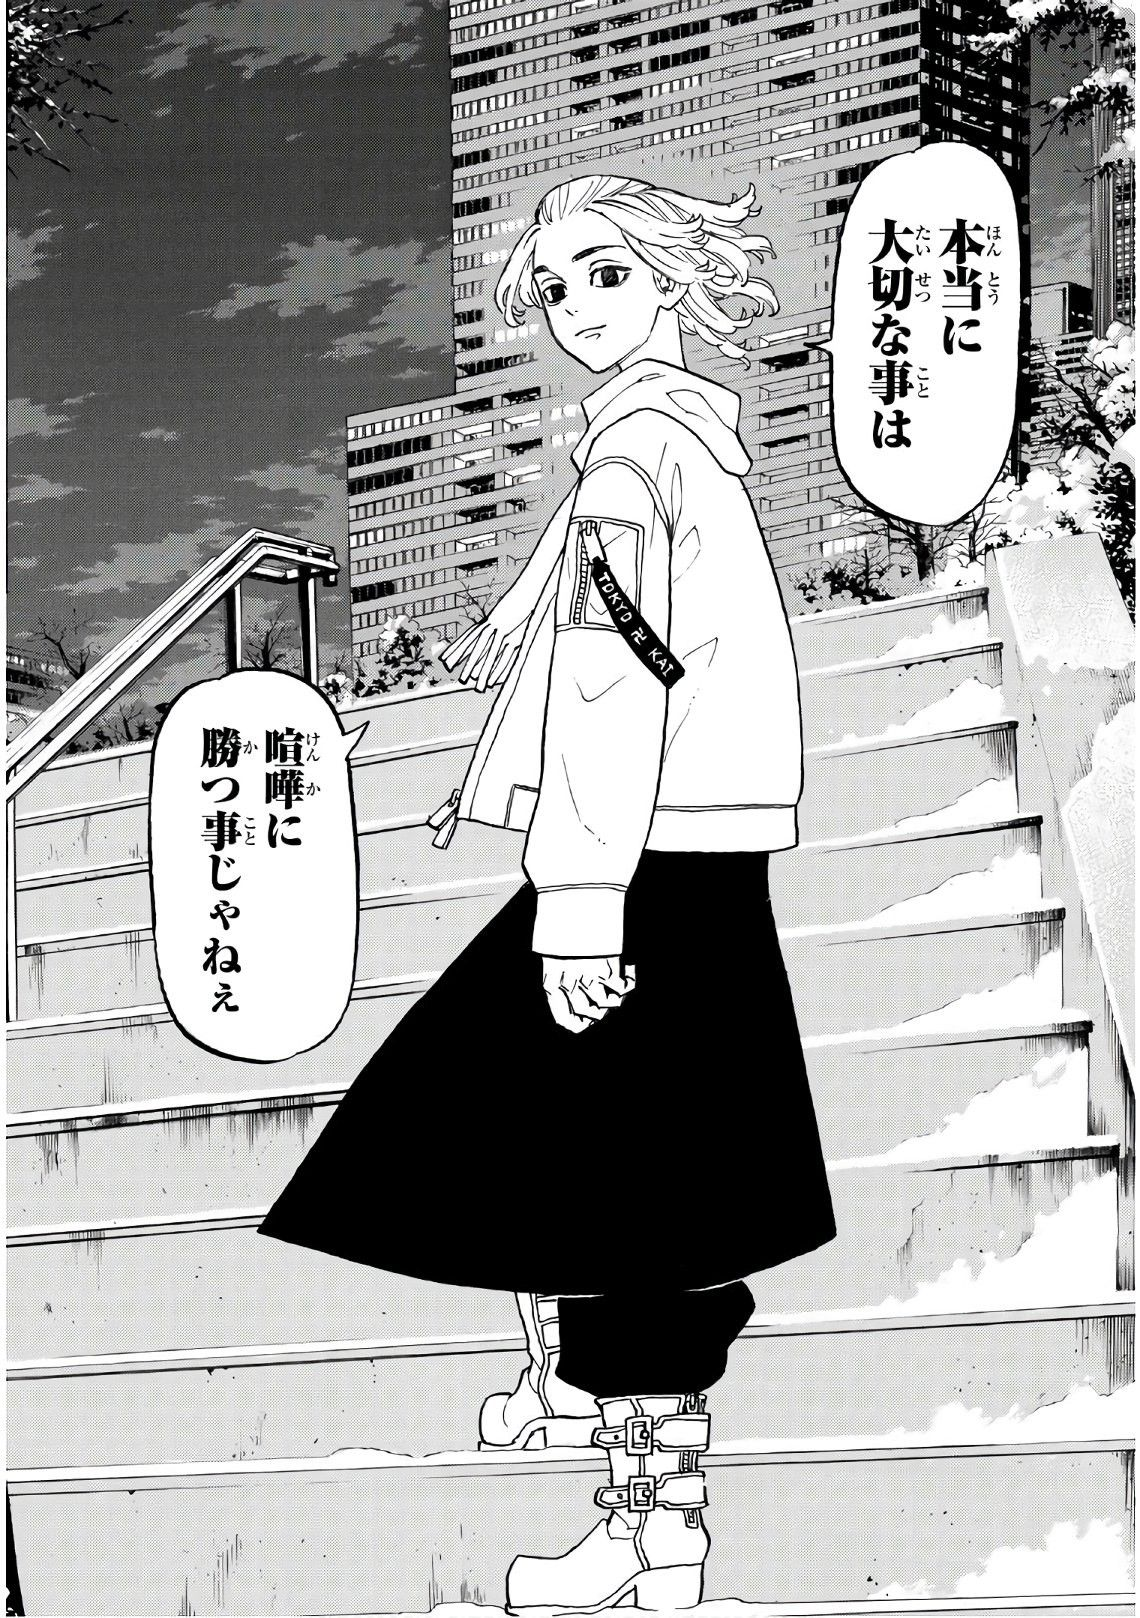 リベンジャー 東京 ズ キャラ 卍